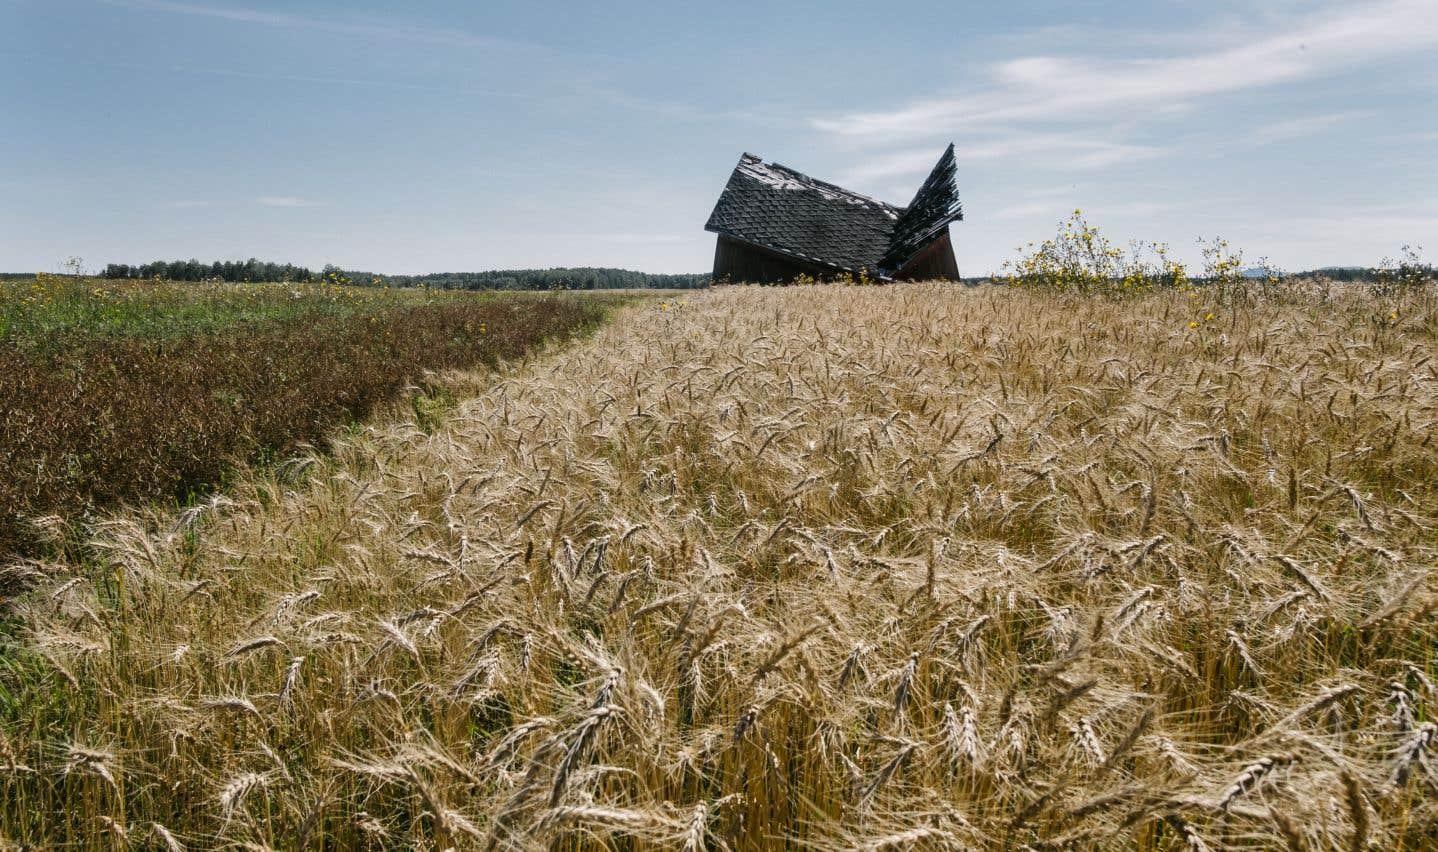 Paysage de campagne à Launay, un petit village d'un peu plus de 200 habitants entre Taschereau et Trecesson. On trouve encore bon nombre de vieilles granges sur les terres agricoles de la région.